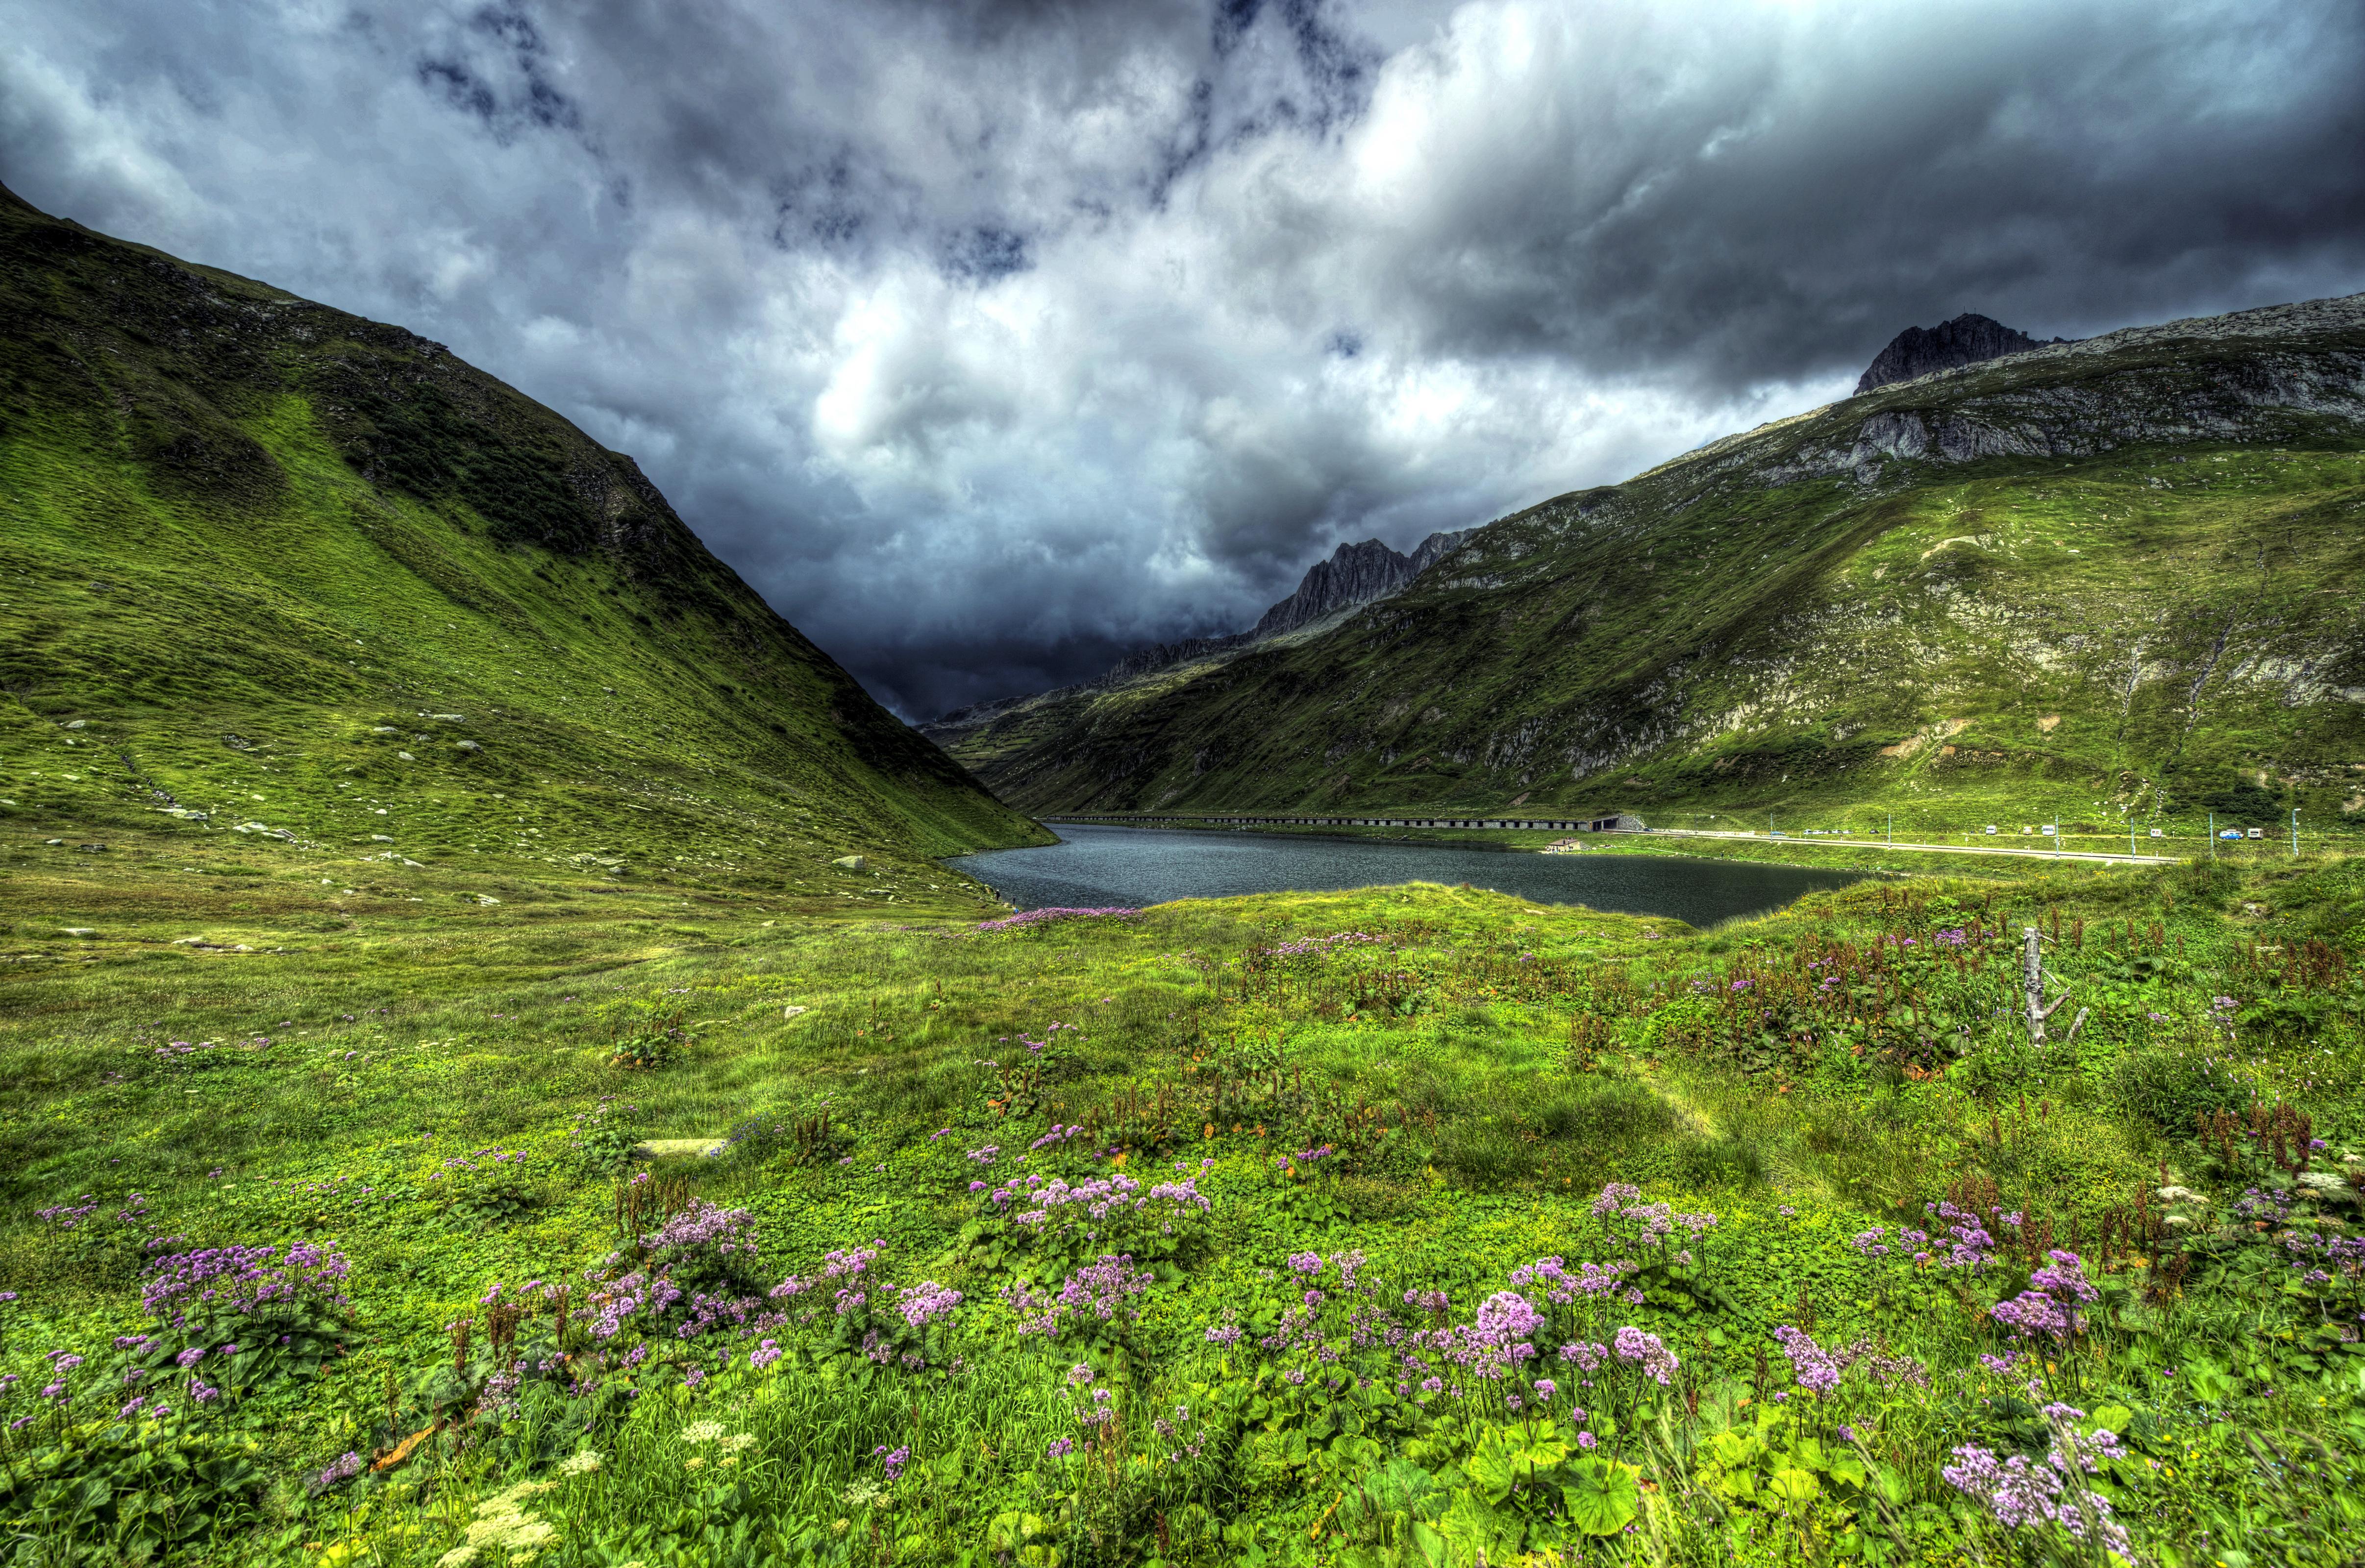 Облака, трава, цветы, озеро  № 1963164 загрузить